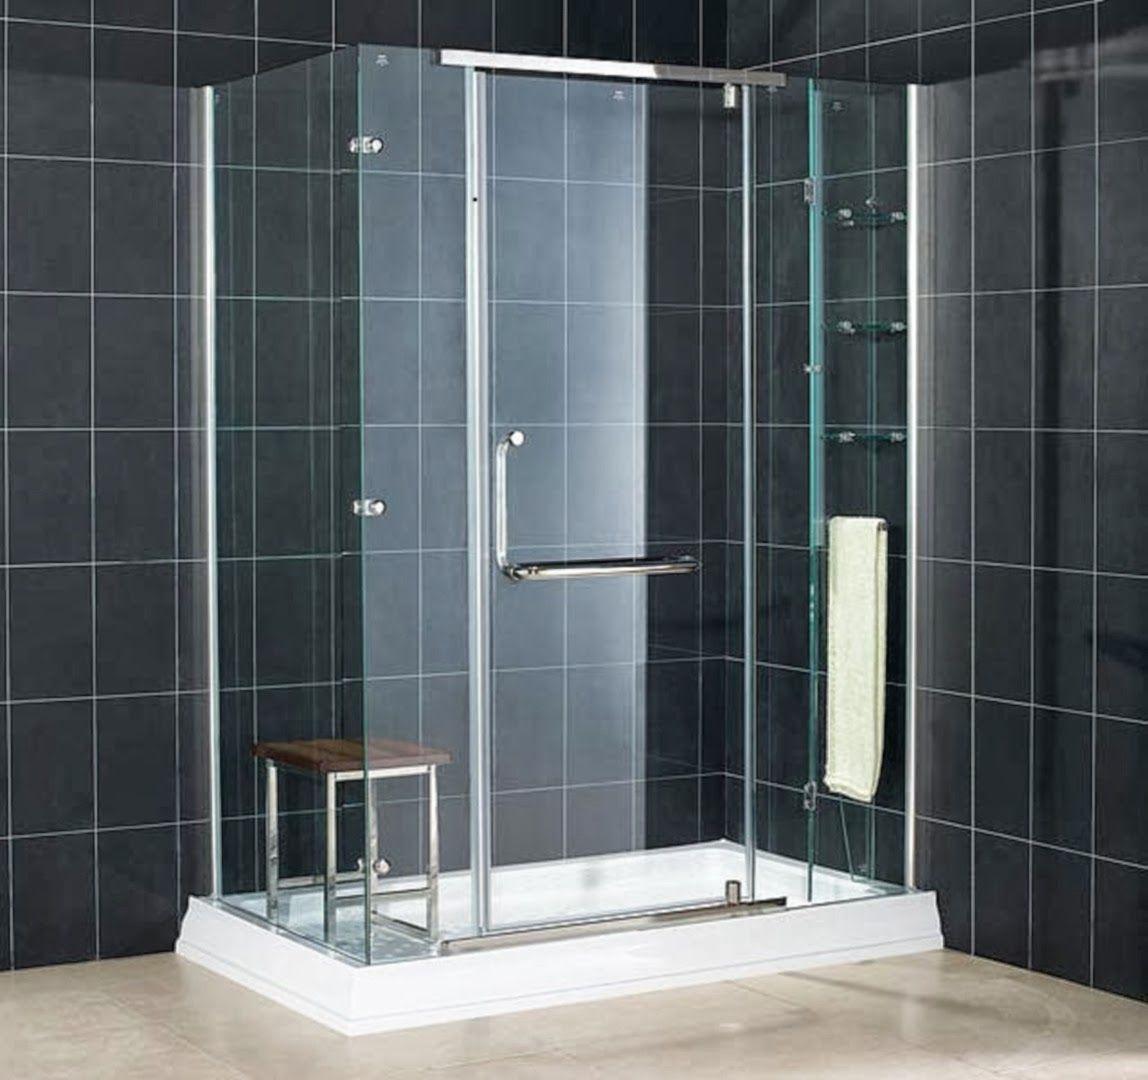 bathroom tiles design software | Плитка для стен в ванной ...